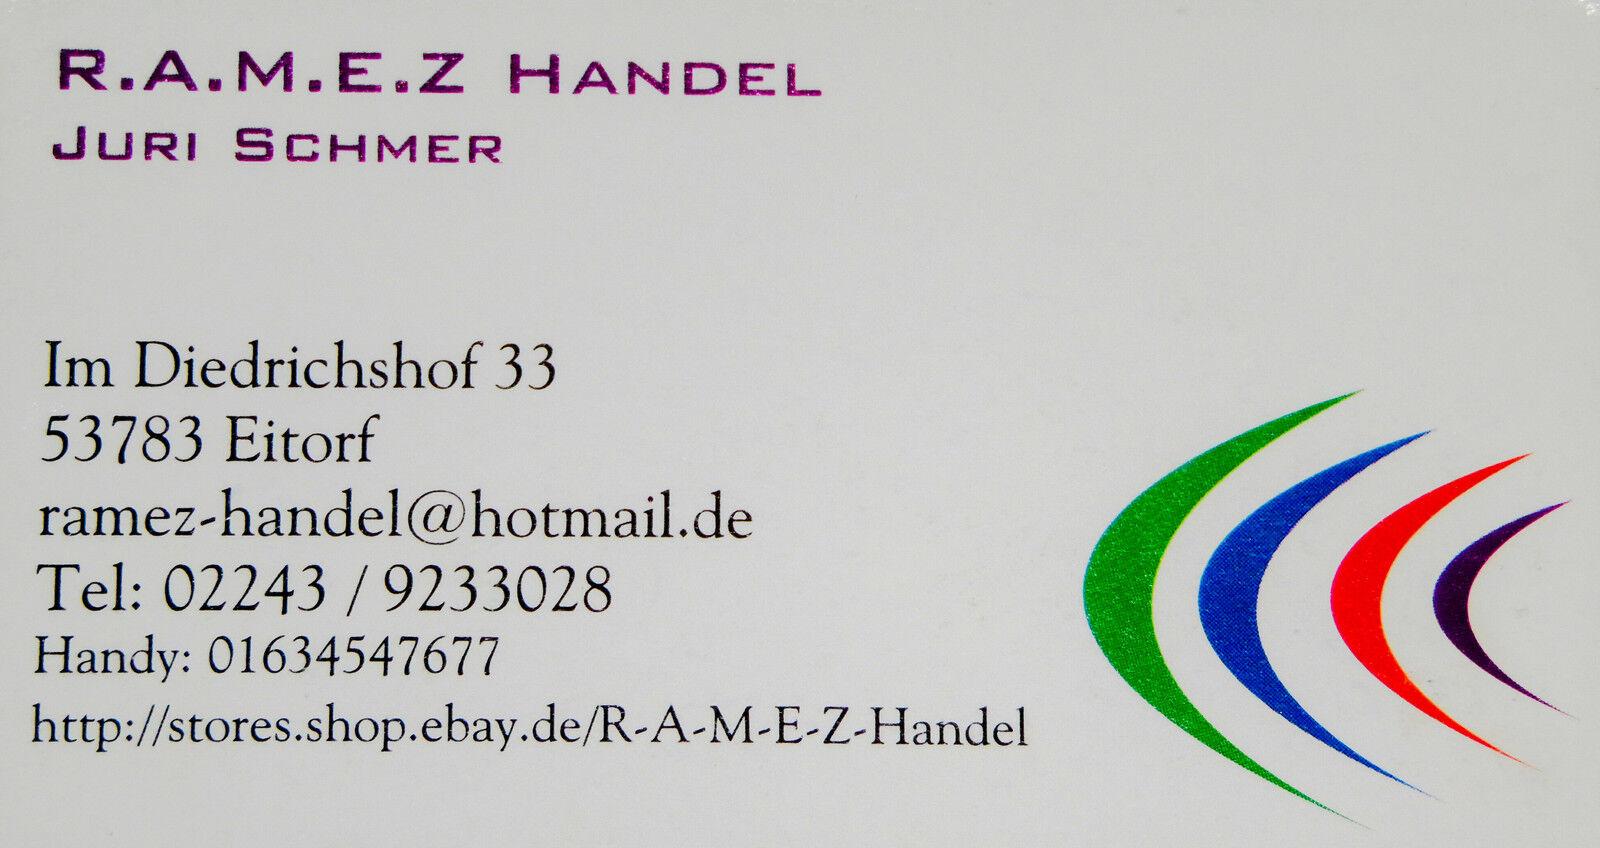 R.A.M.E.Z Handel